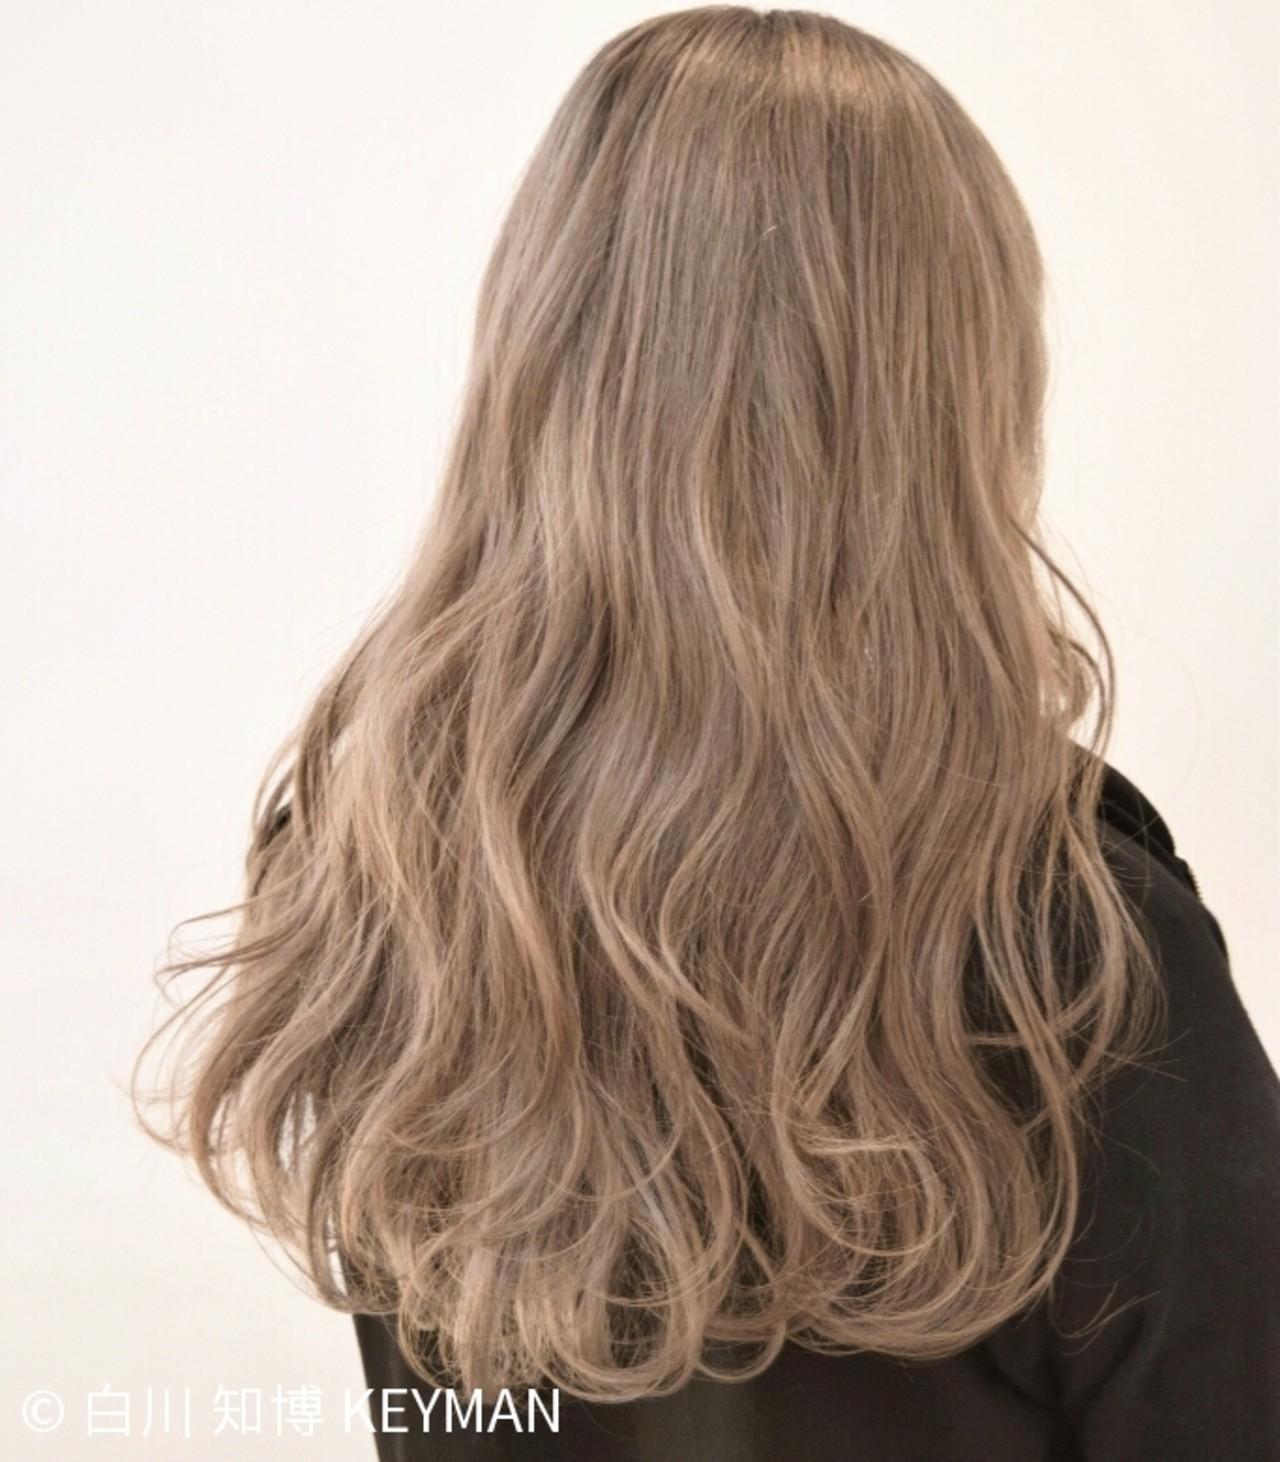 髪色でイメチェンするなら今!2016冬の人気ヘアカラーを総おさらい  白川 知博 KEYMAN